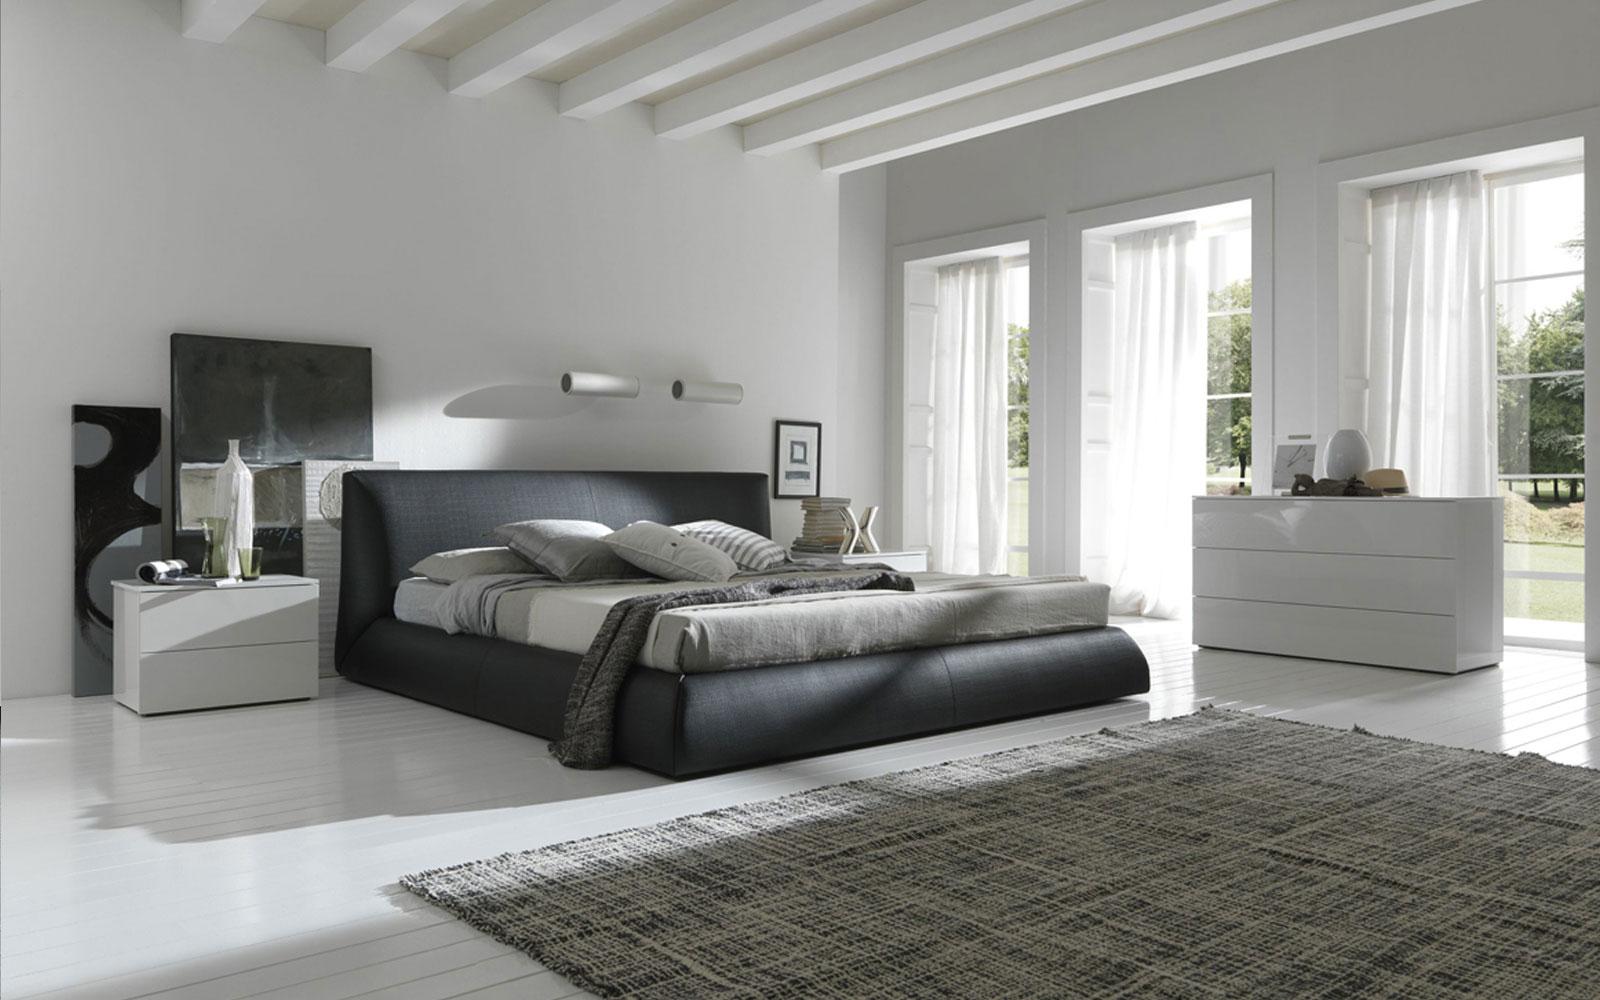 Черный, серый и белый цвета в спальне в стиле минимализм